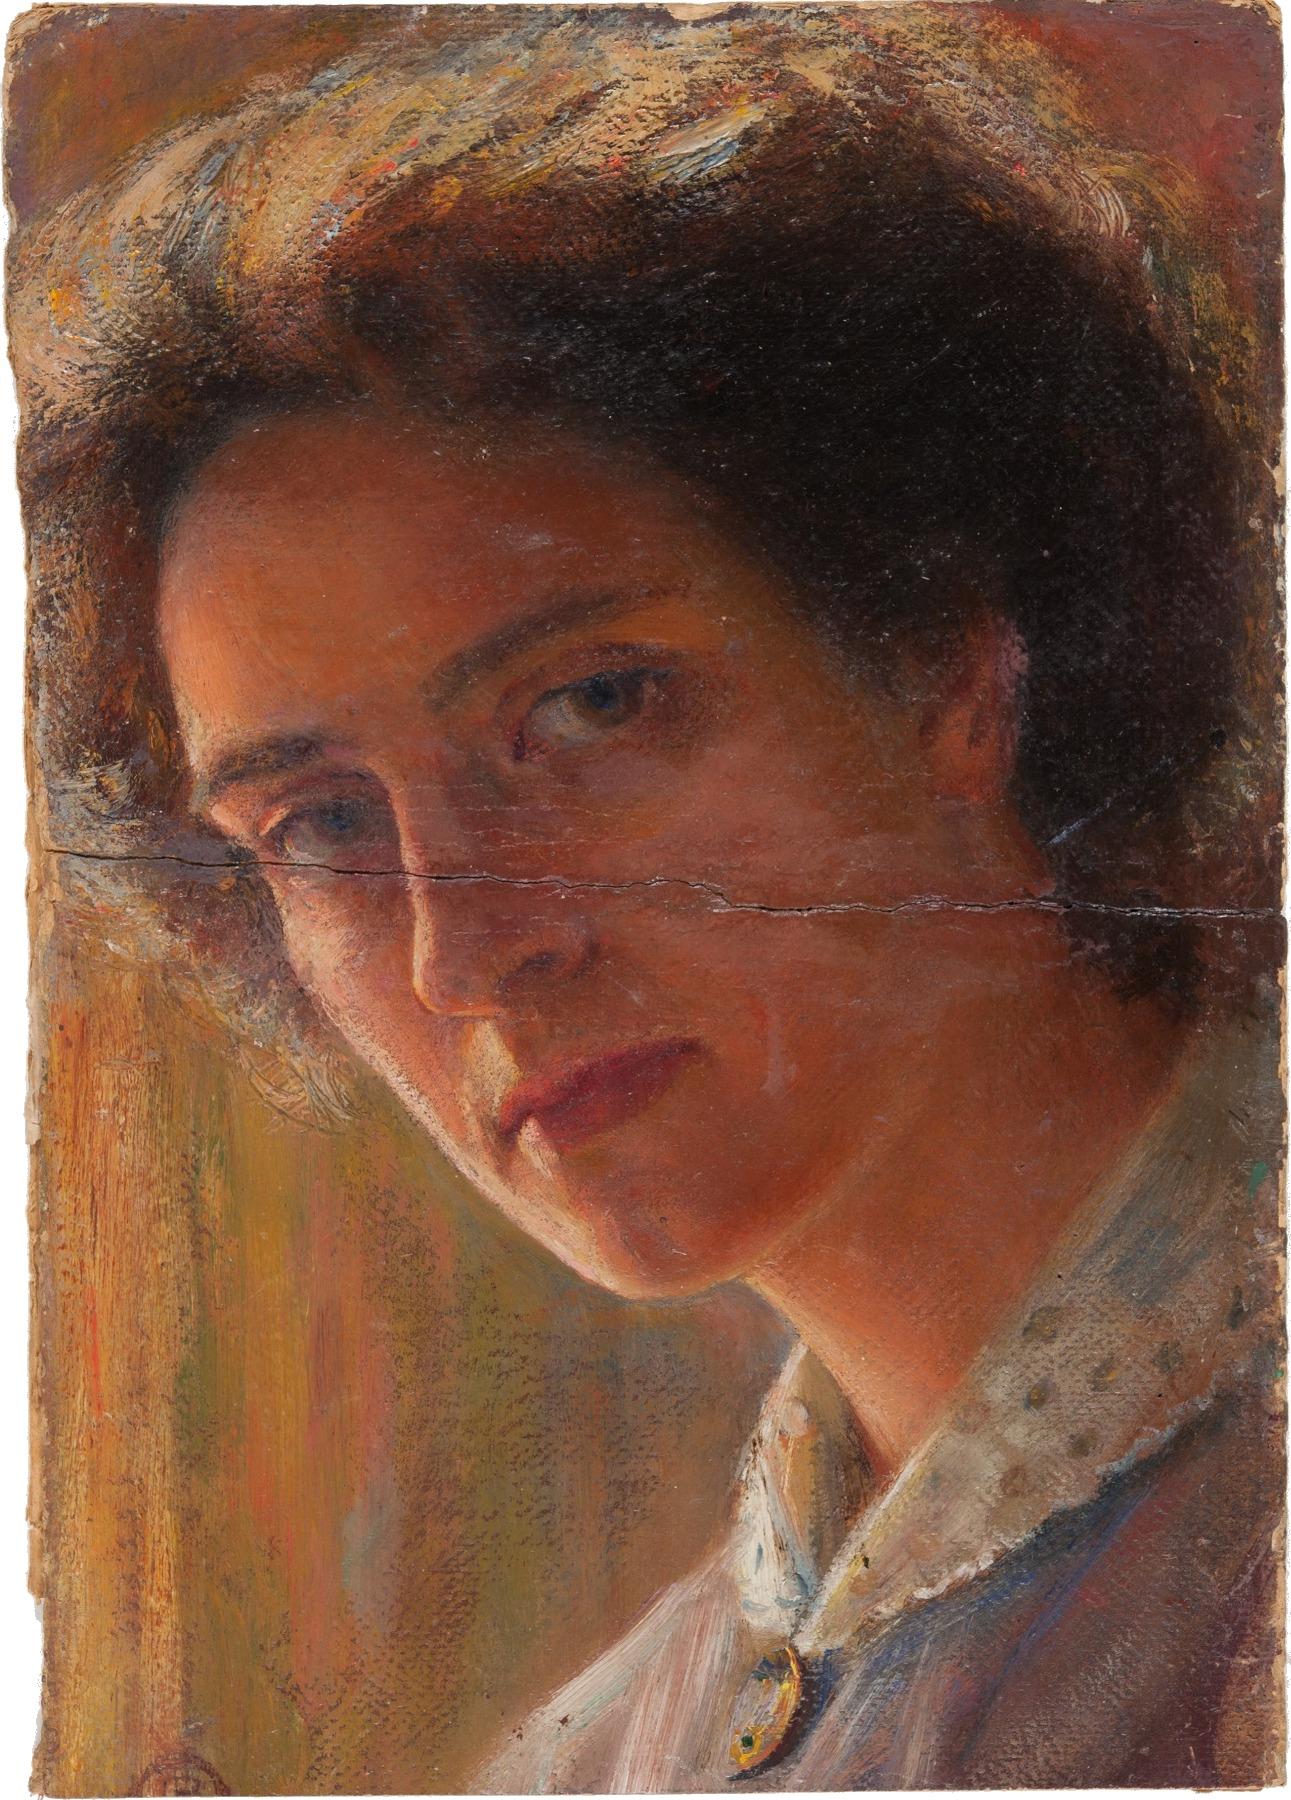 Autoritratto di Leonetta Pieraccini Cecchi al 'Gabinetto Vieusseux', in fase di restauro